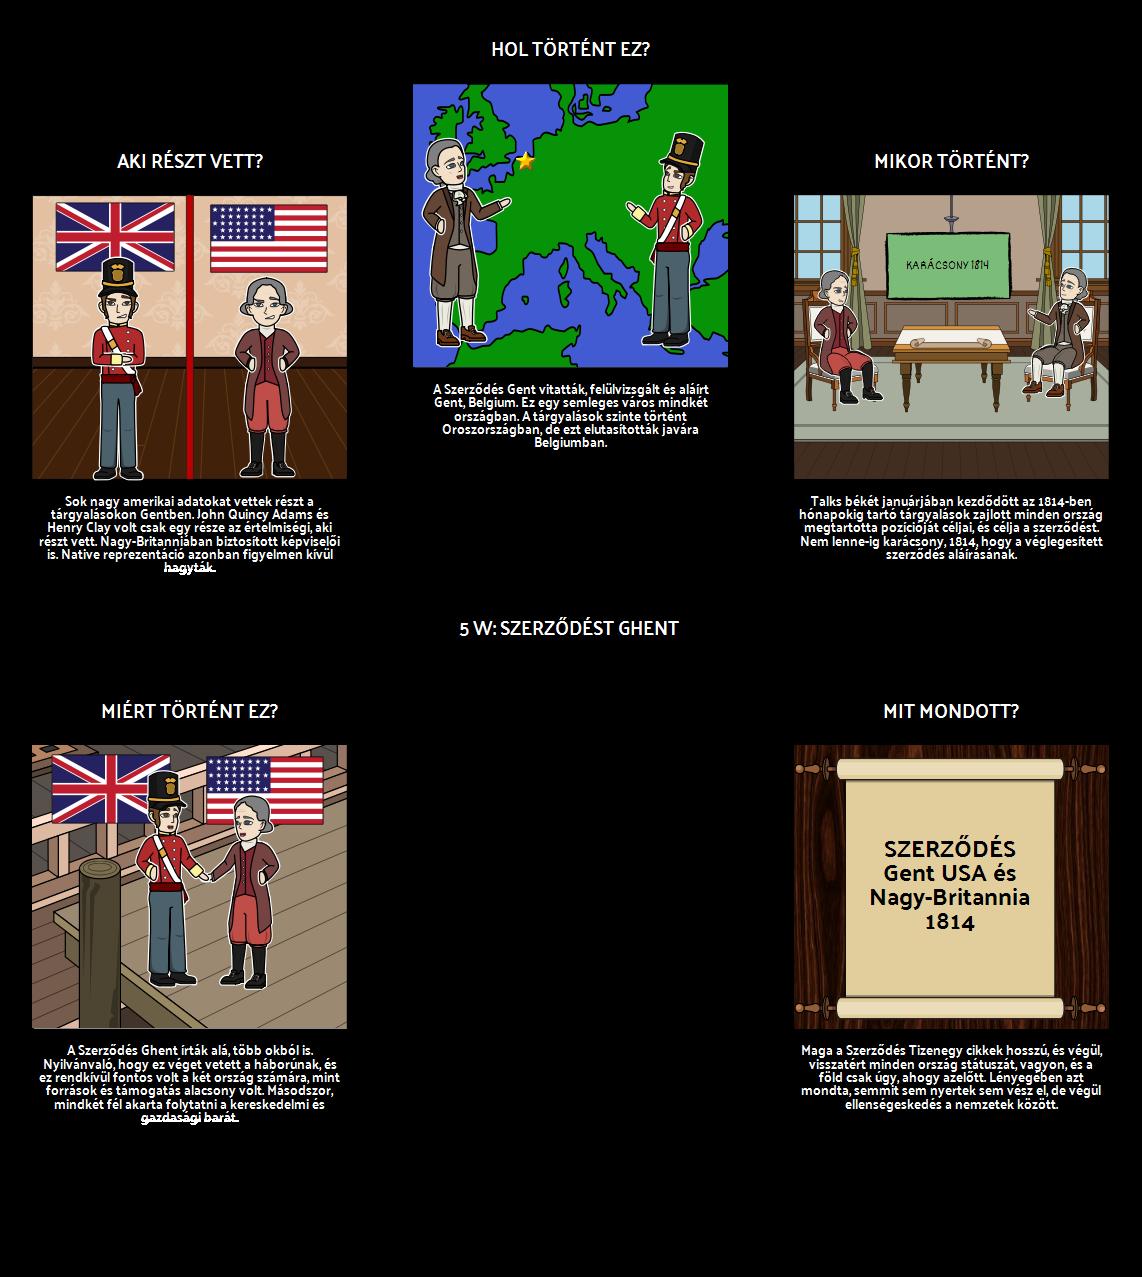 A War of 1812-5 Ws Szerződés Ghent